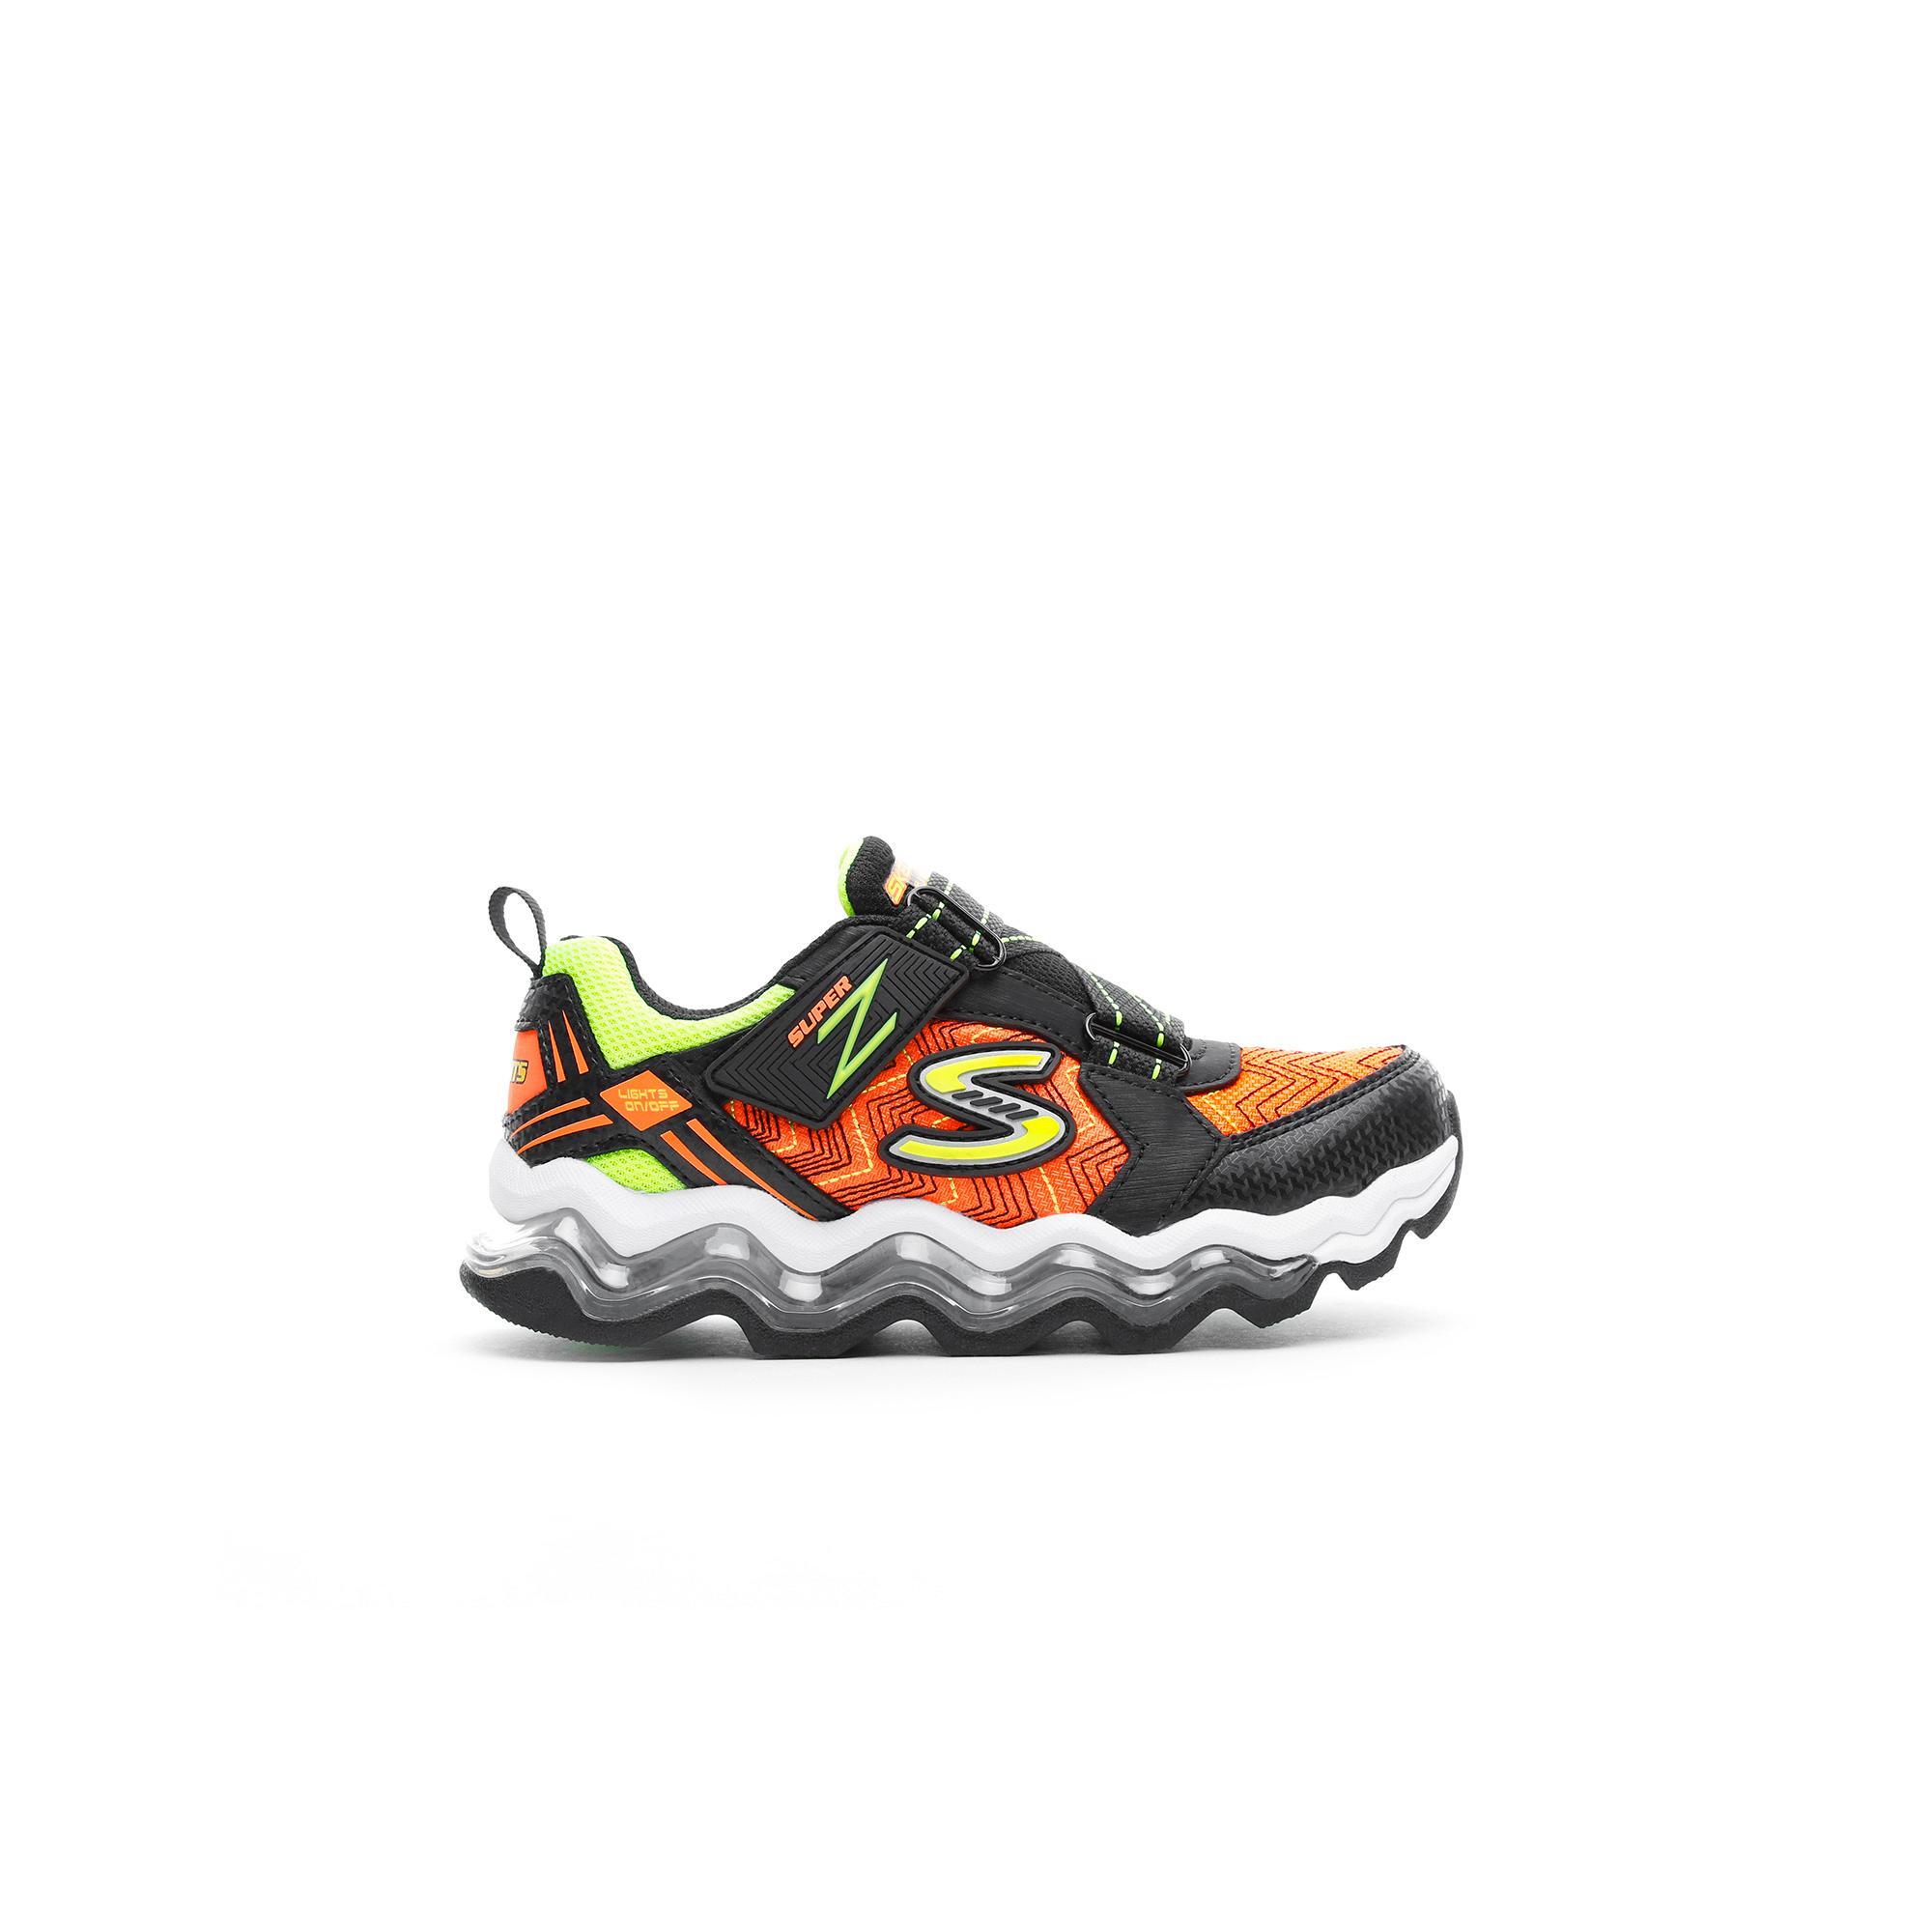 Skechers Turbowave - Tezert Çocuk Siyah Spor Ayakkabı